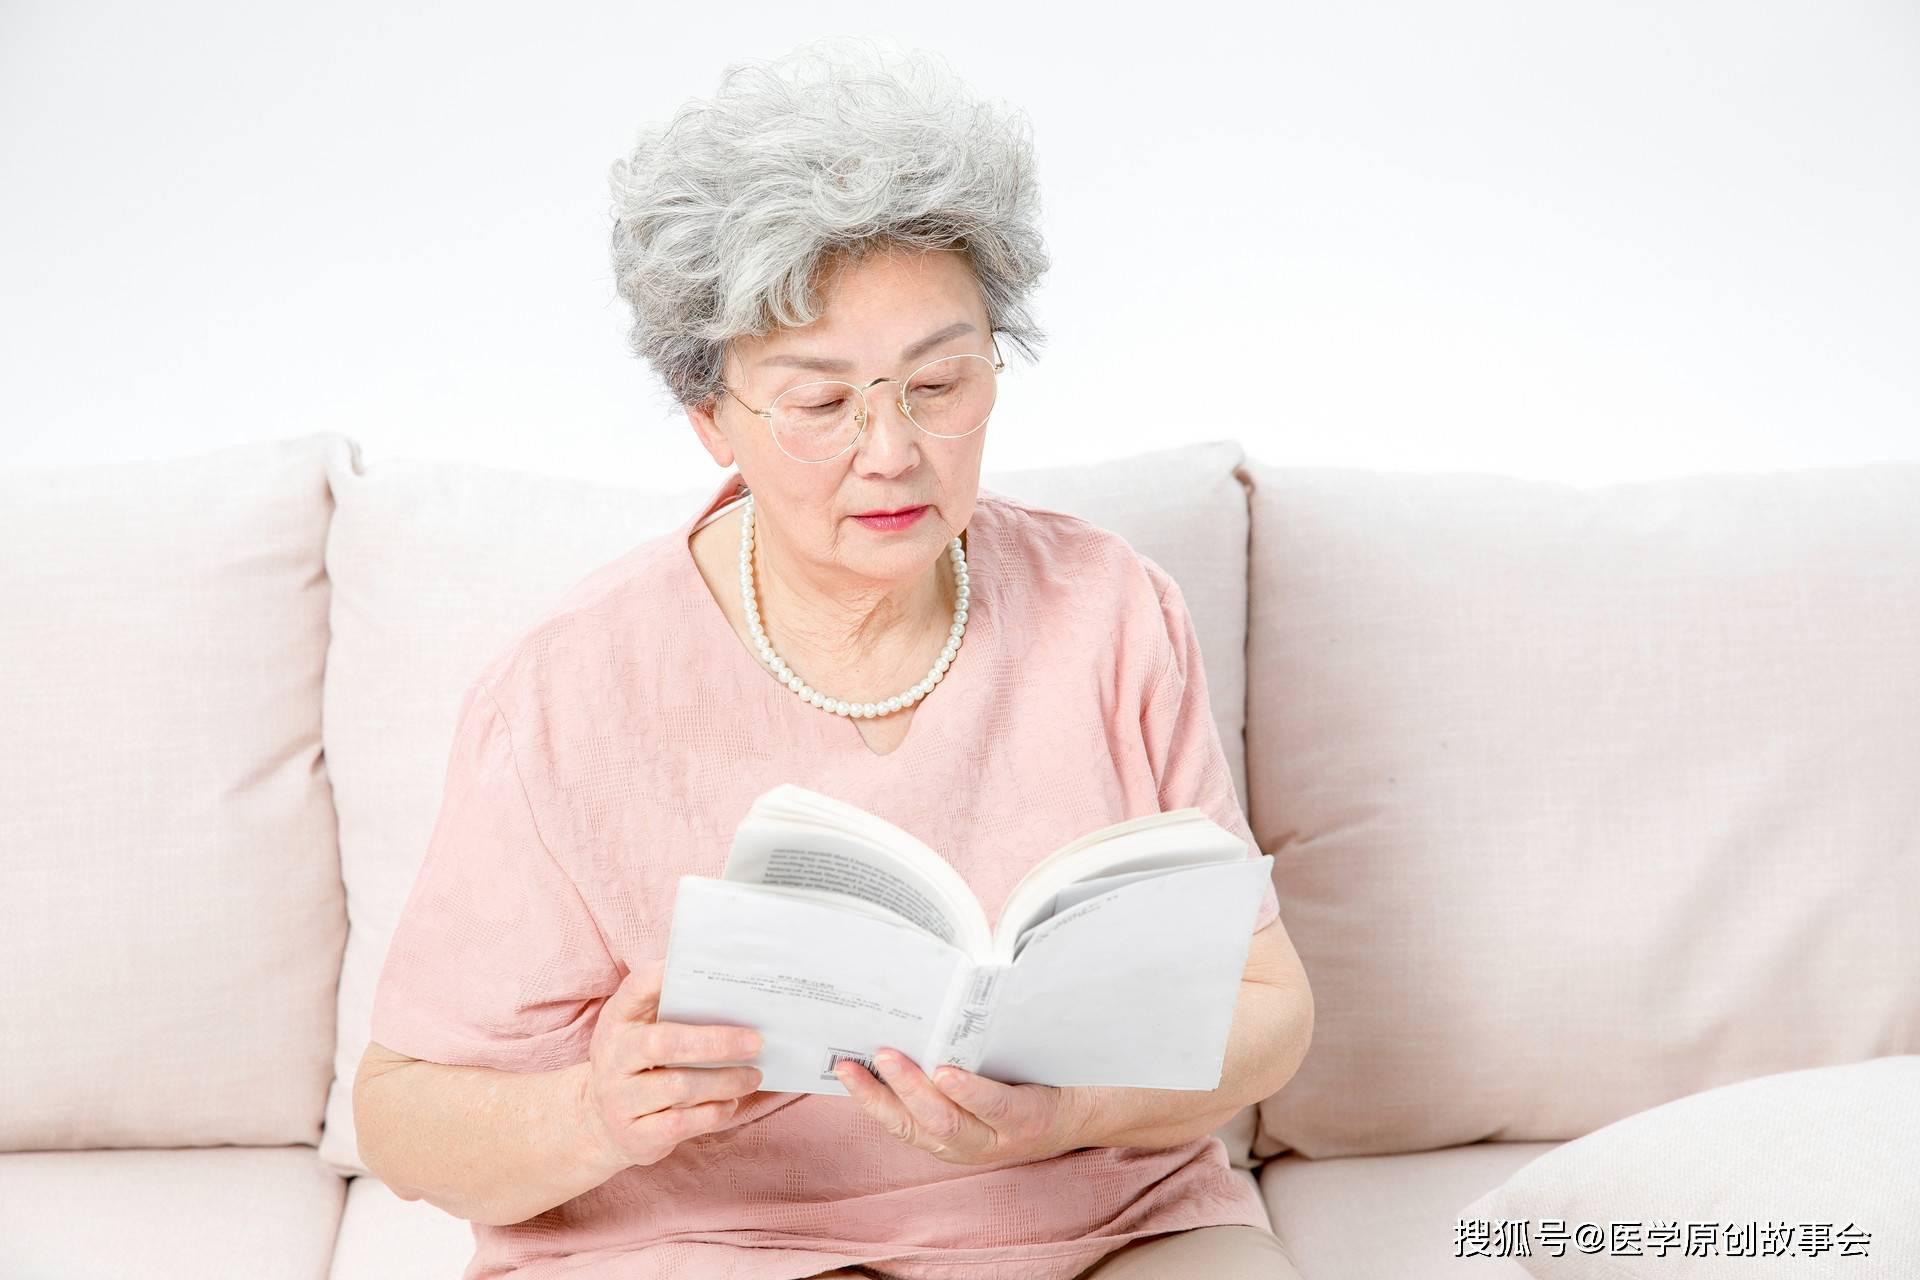 中国原来每天有一万人被诊断出癌症。医生建议他们想活得更久。不要坚持凌晨三晚